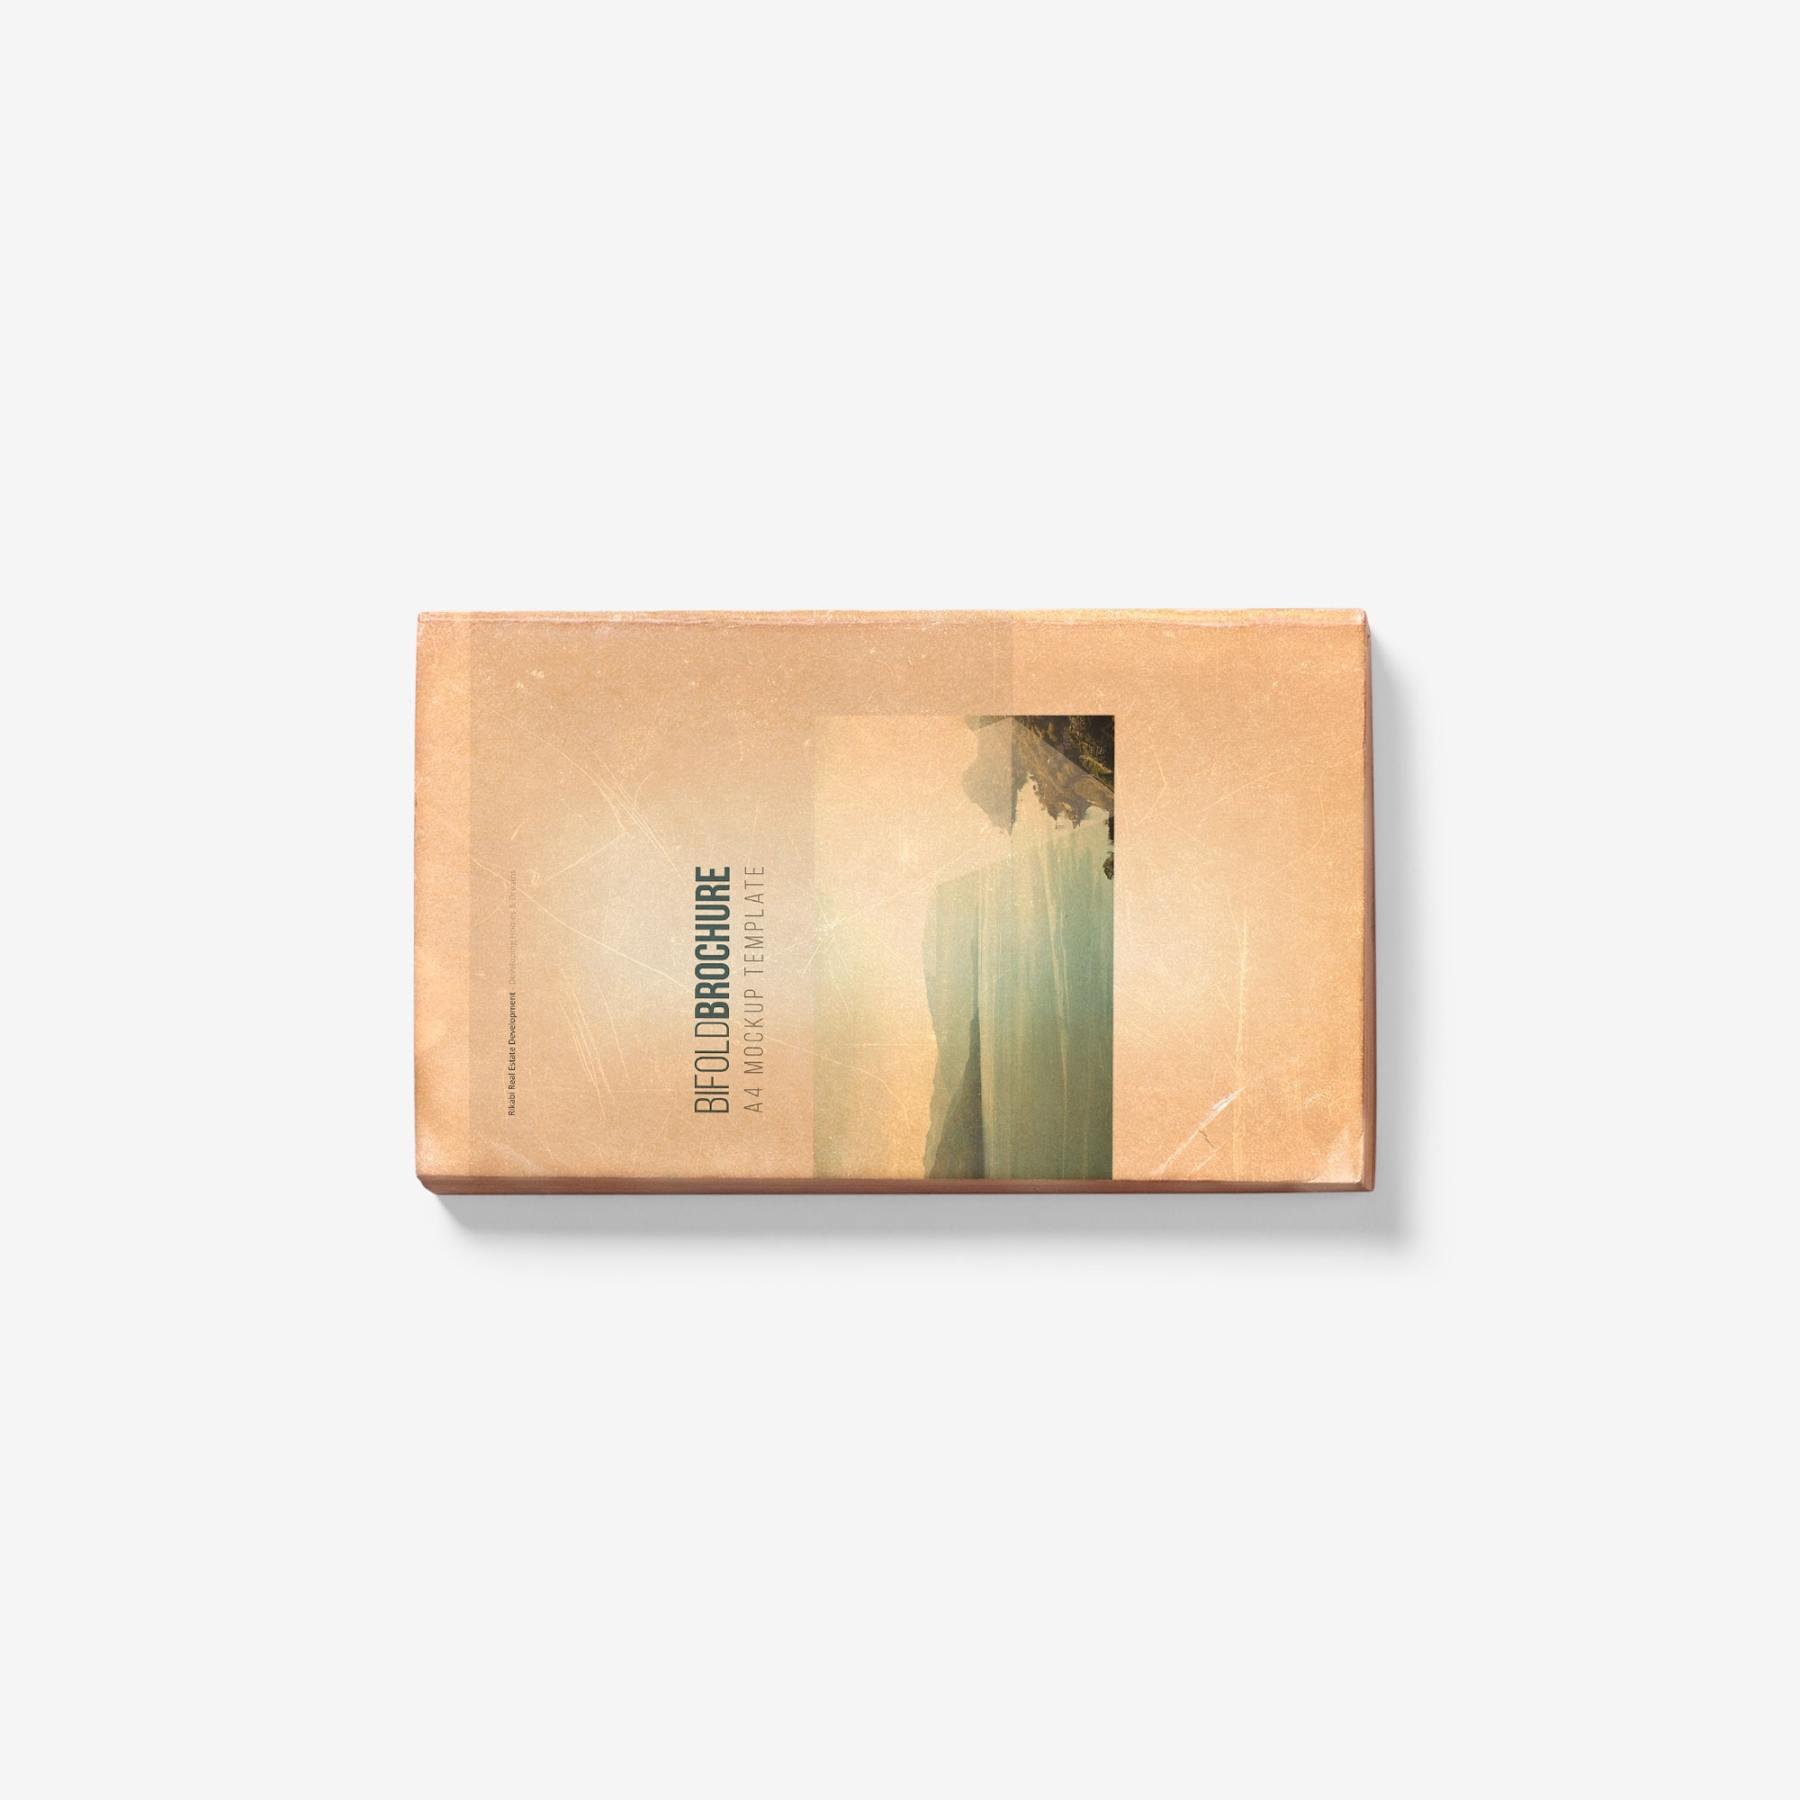 549c7ab37ddefed - 古朴平铺宣传书籍画册样机